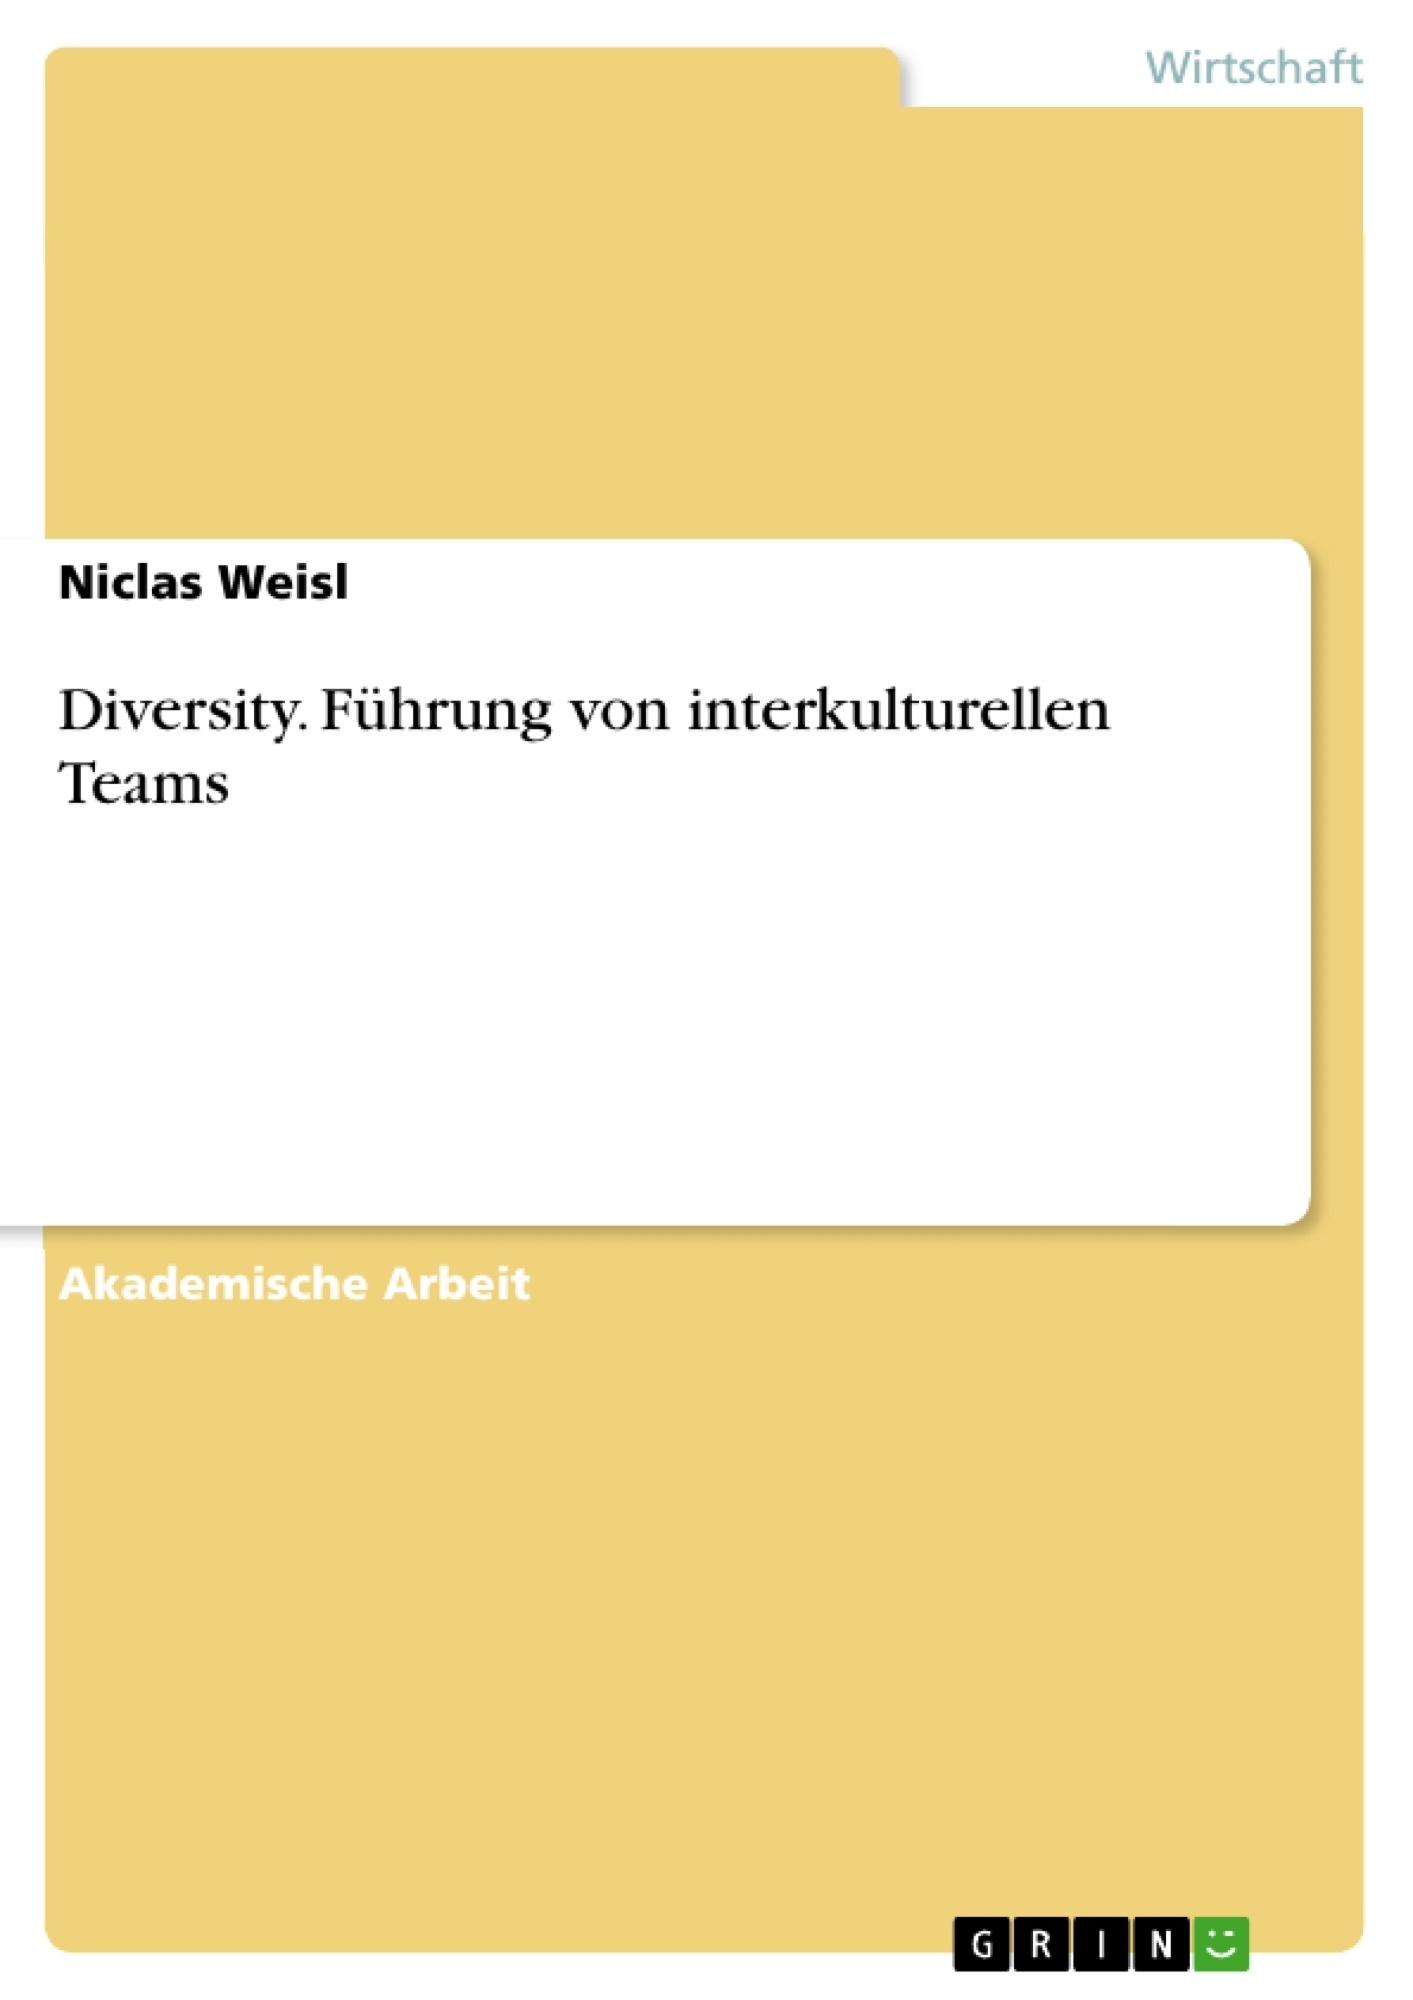 Titel: Diversity. Führung von interkulturellen Teams